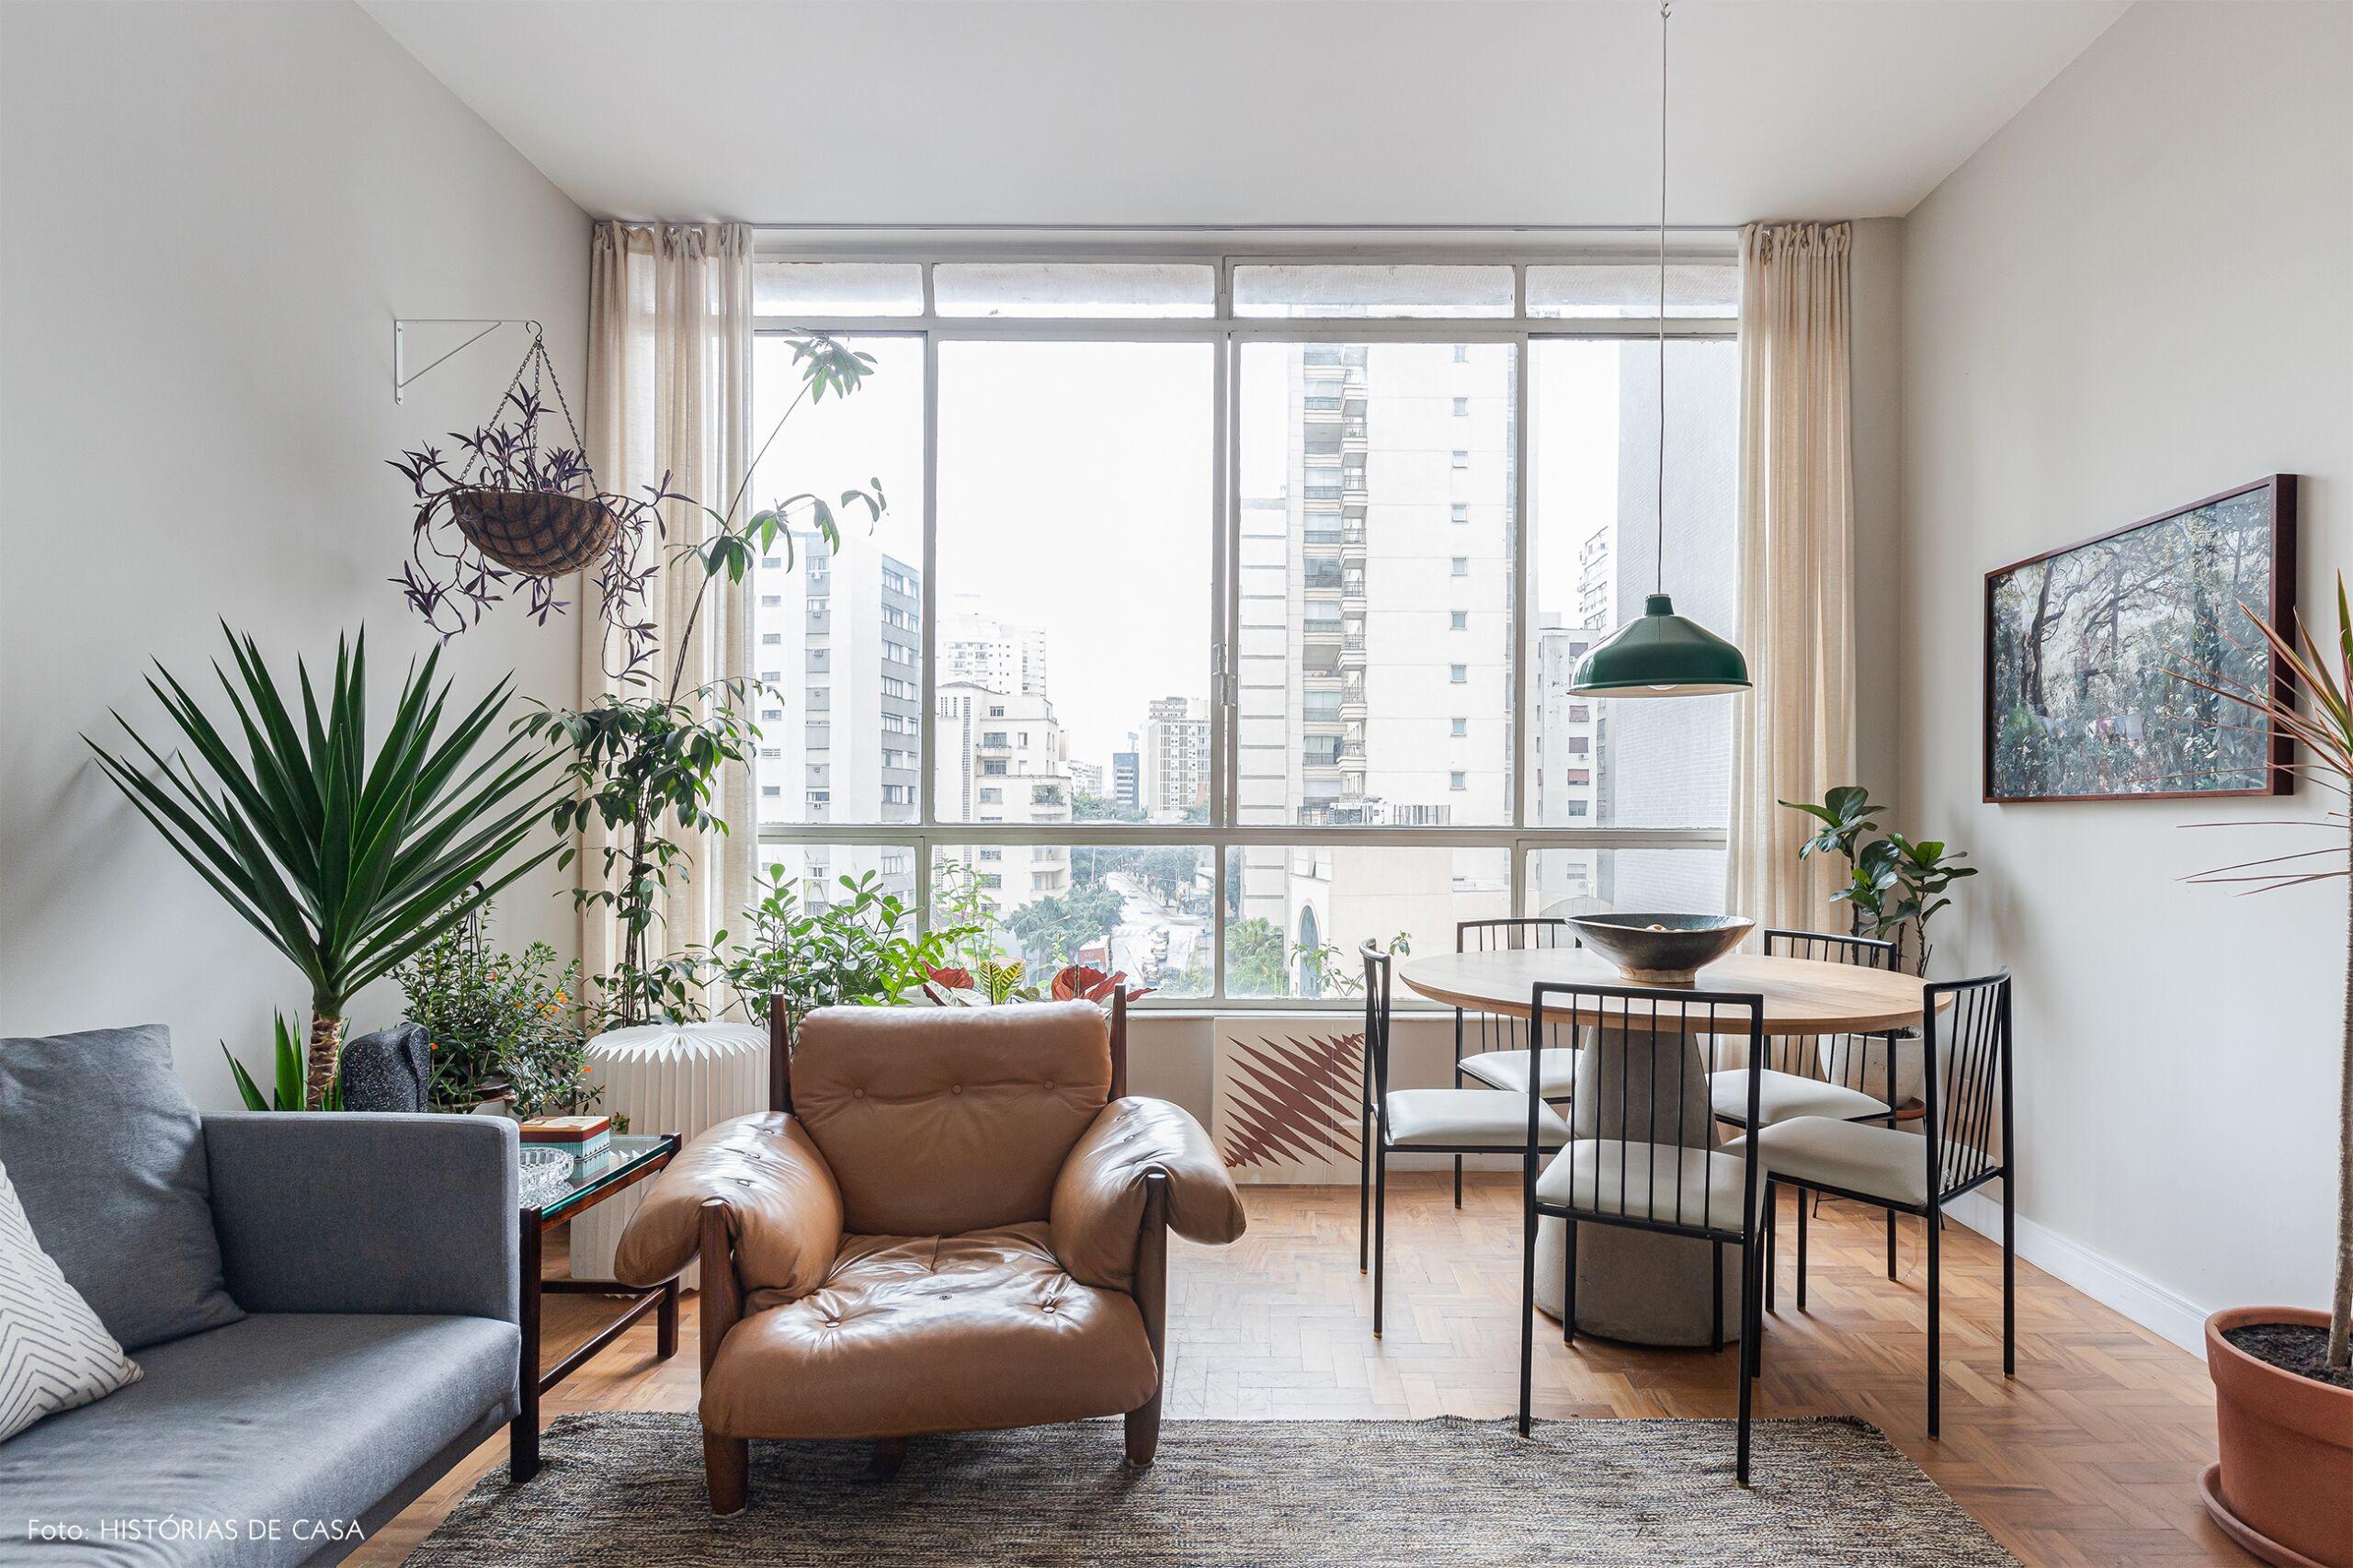 sala-poltrona-couro-serio-rodrigues-mesa-concreto-cadeira-geraldo-de-barros